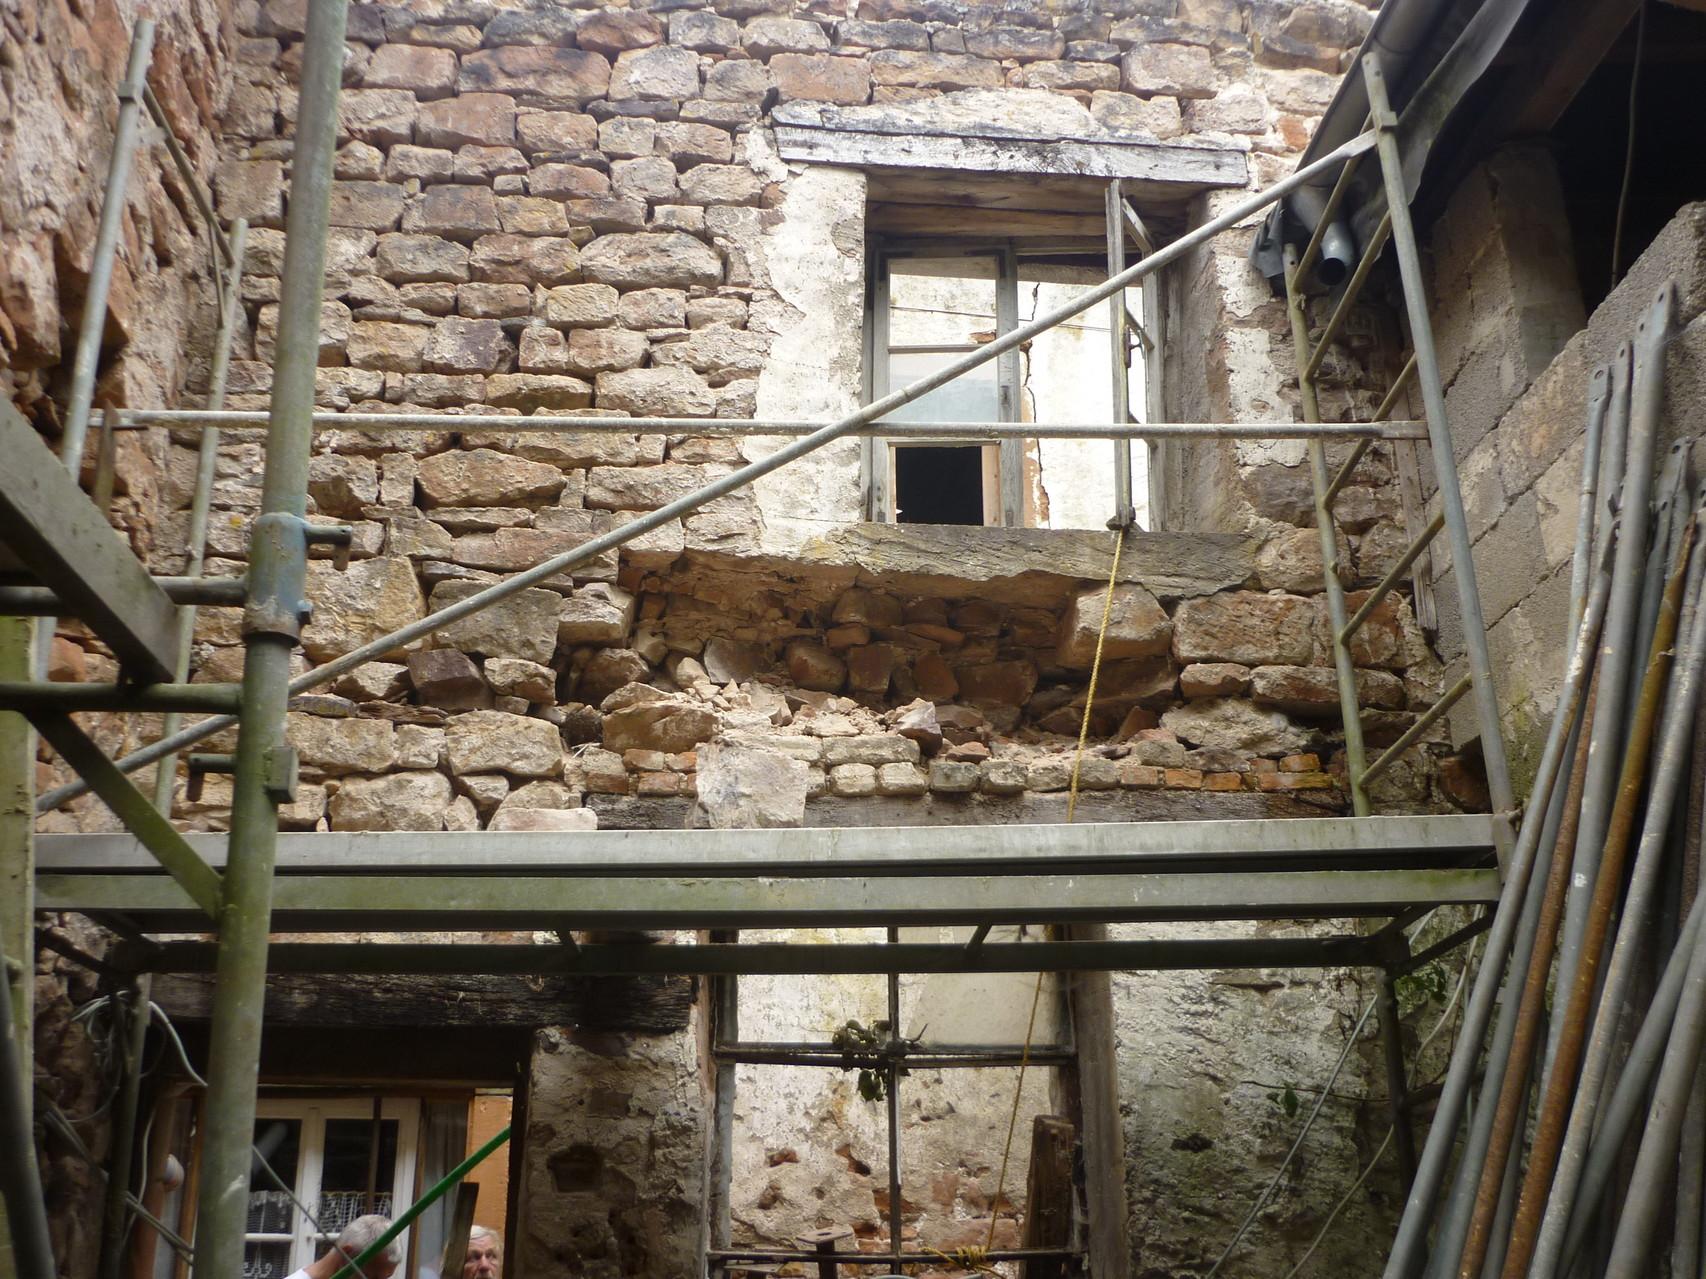 kleiner Hof es droht die Wand einzustürzen...